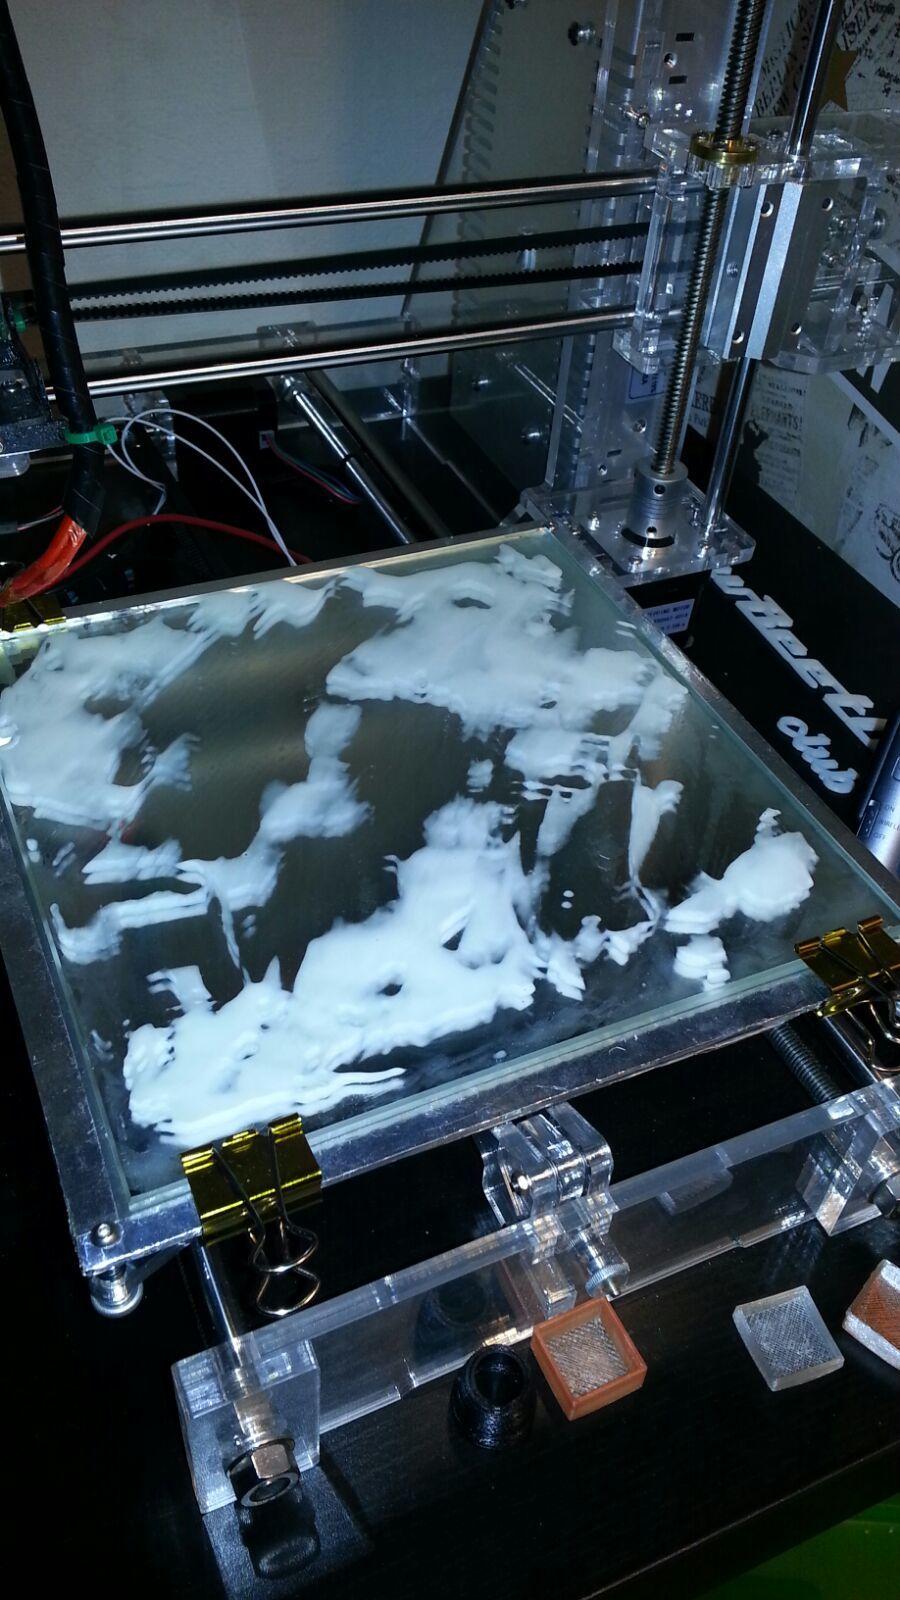 Конструктор 3D-принтера от SUNHOKEY в процессе эксплуатации (часть вторая) - 6